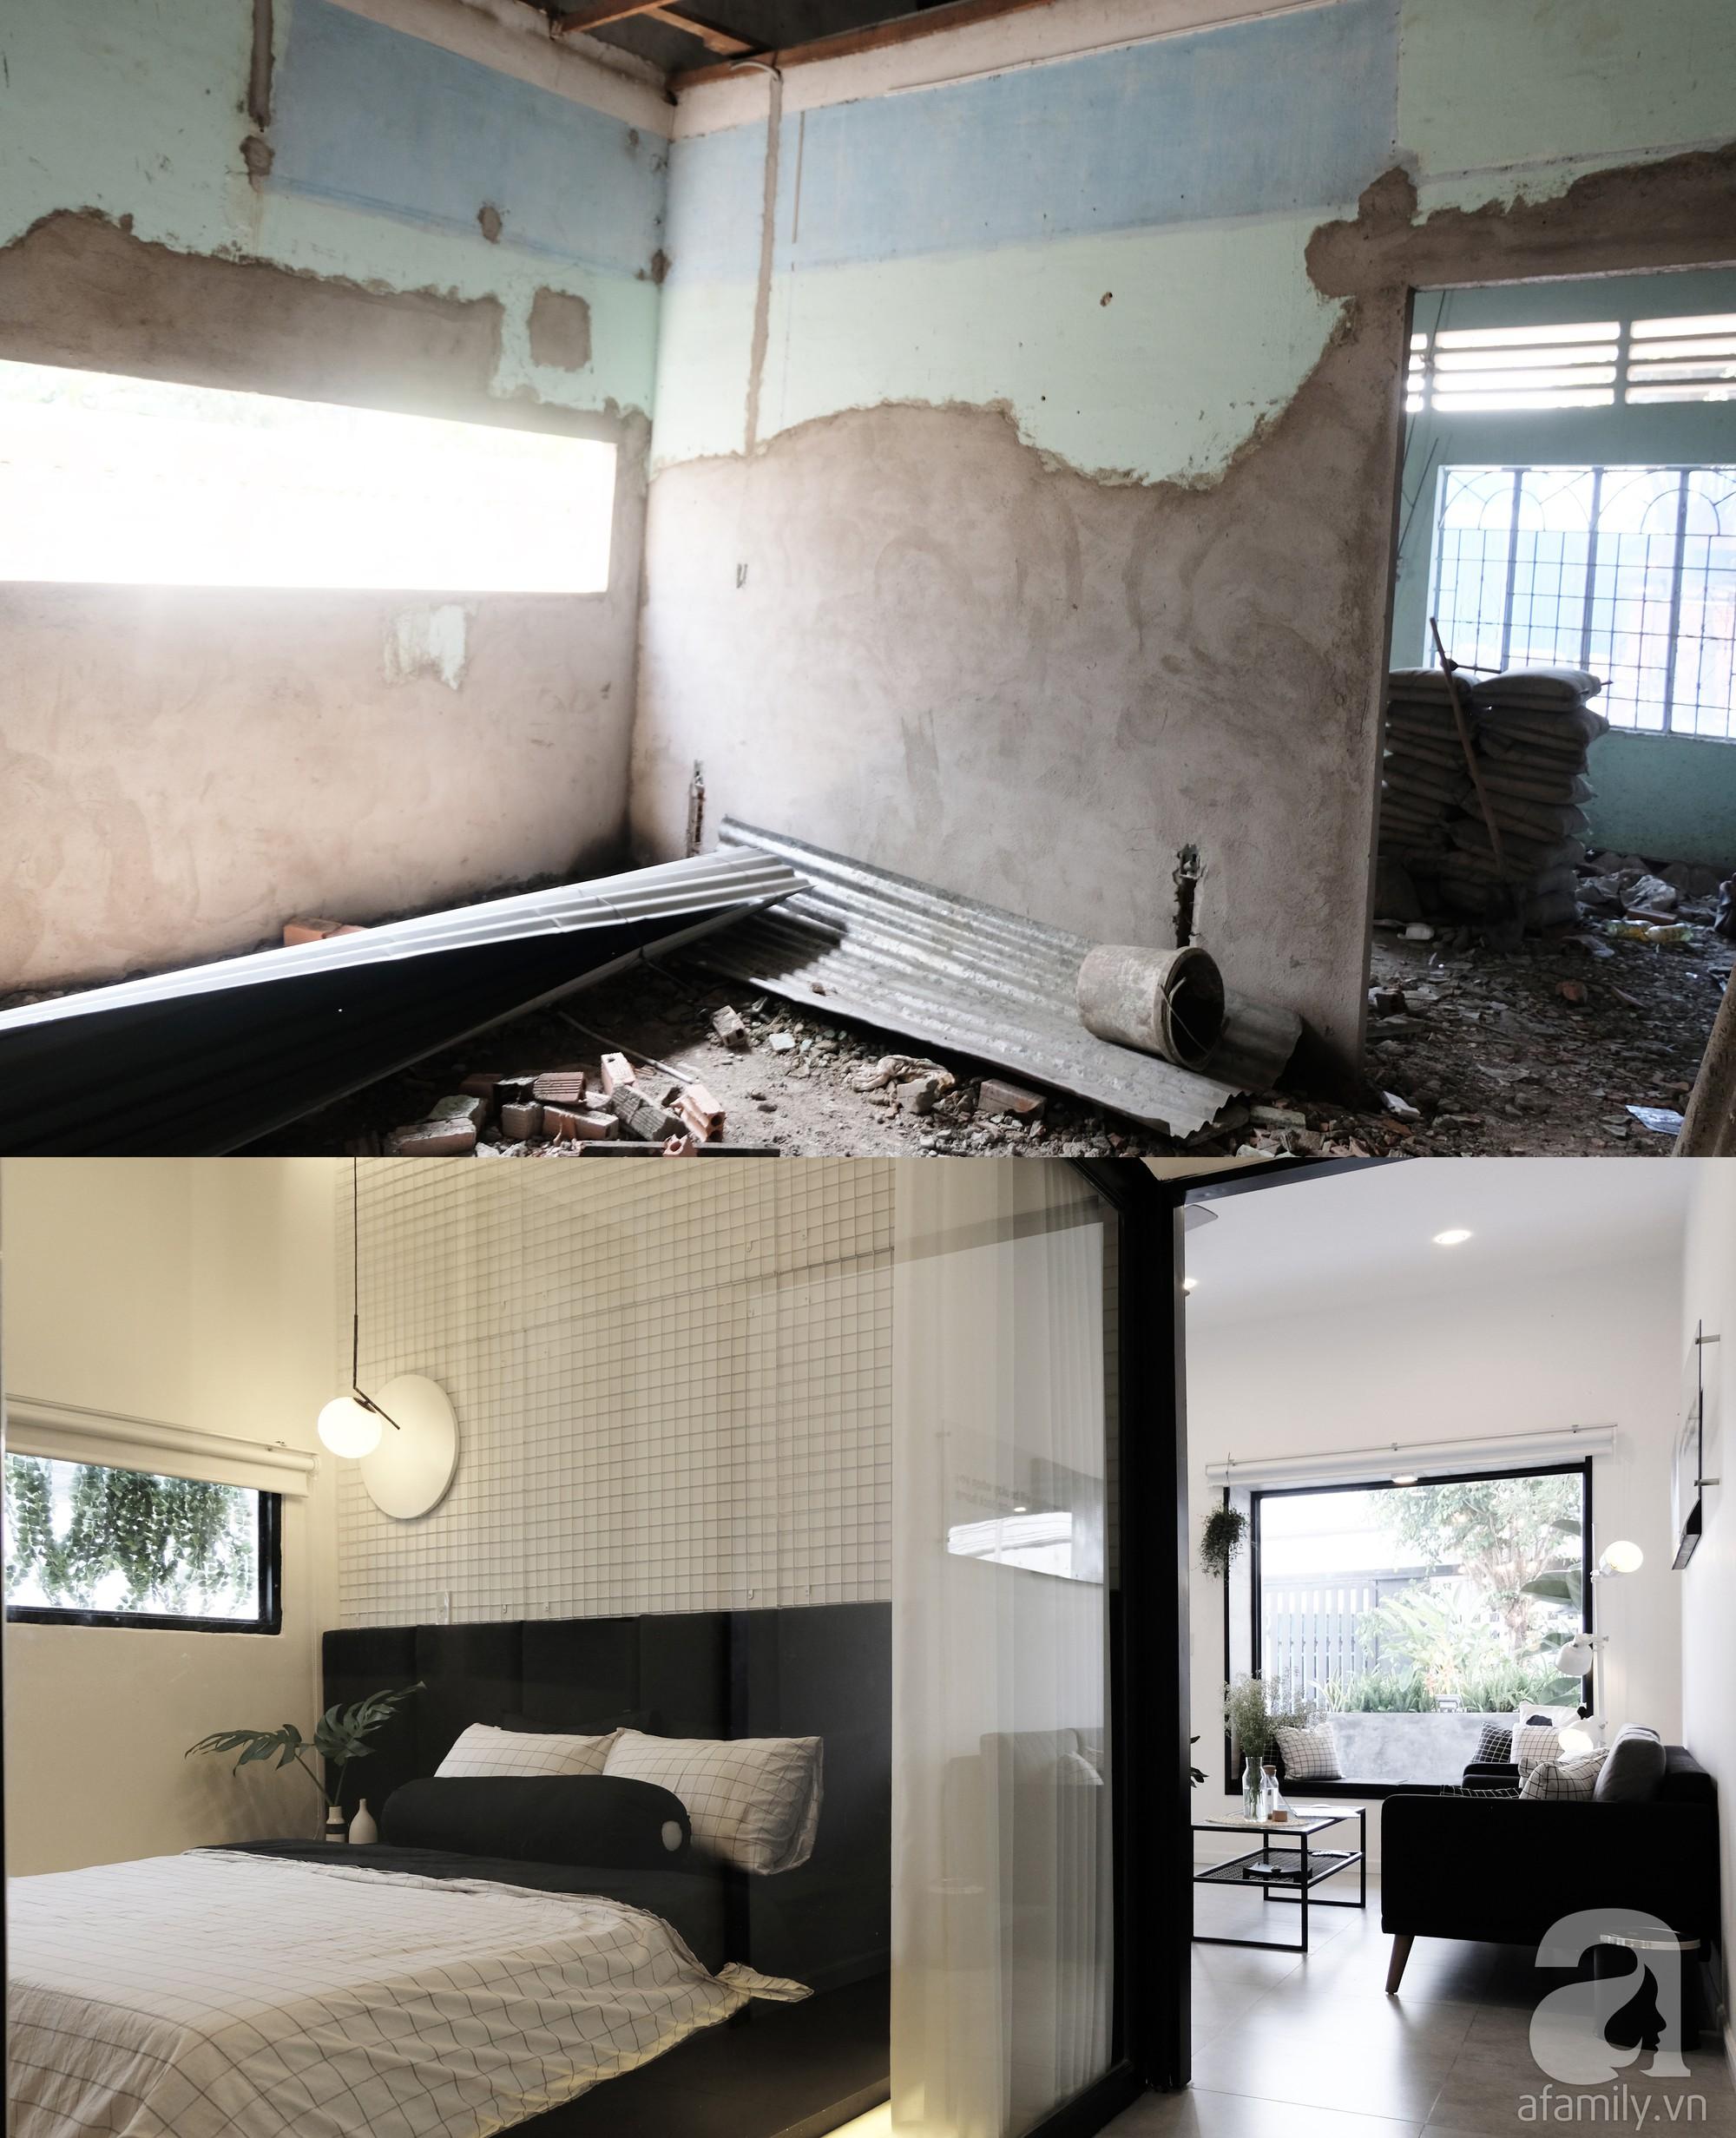 Nhà cấp 4 dột nát, cũ kỹ bỗng chốc lột xác cá tính với gam màu đen trắng ở Biên Hòa - Ảnh 3.